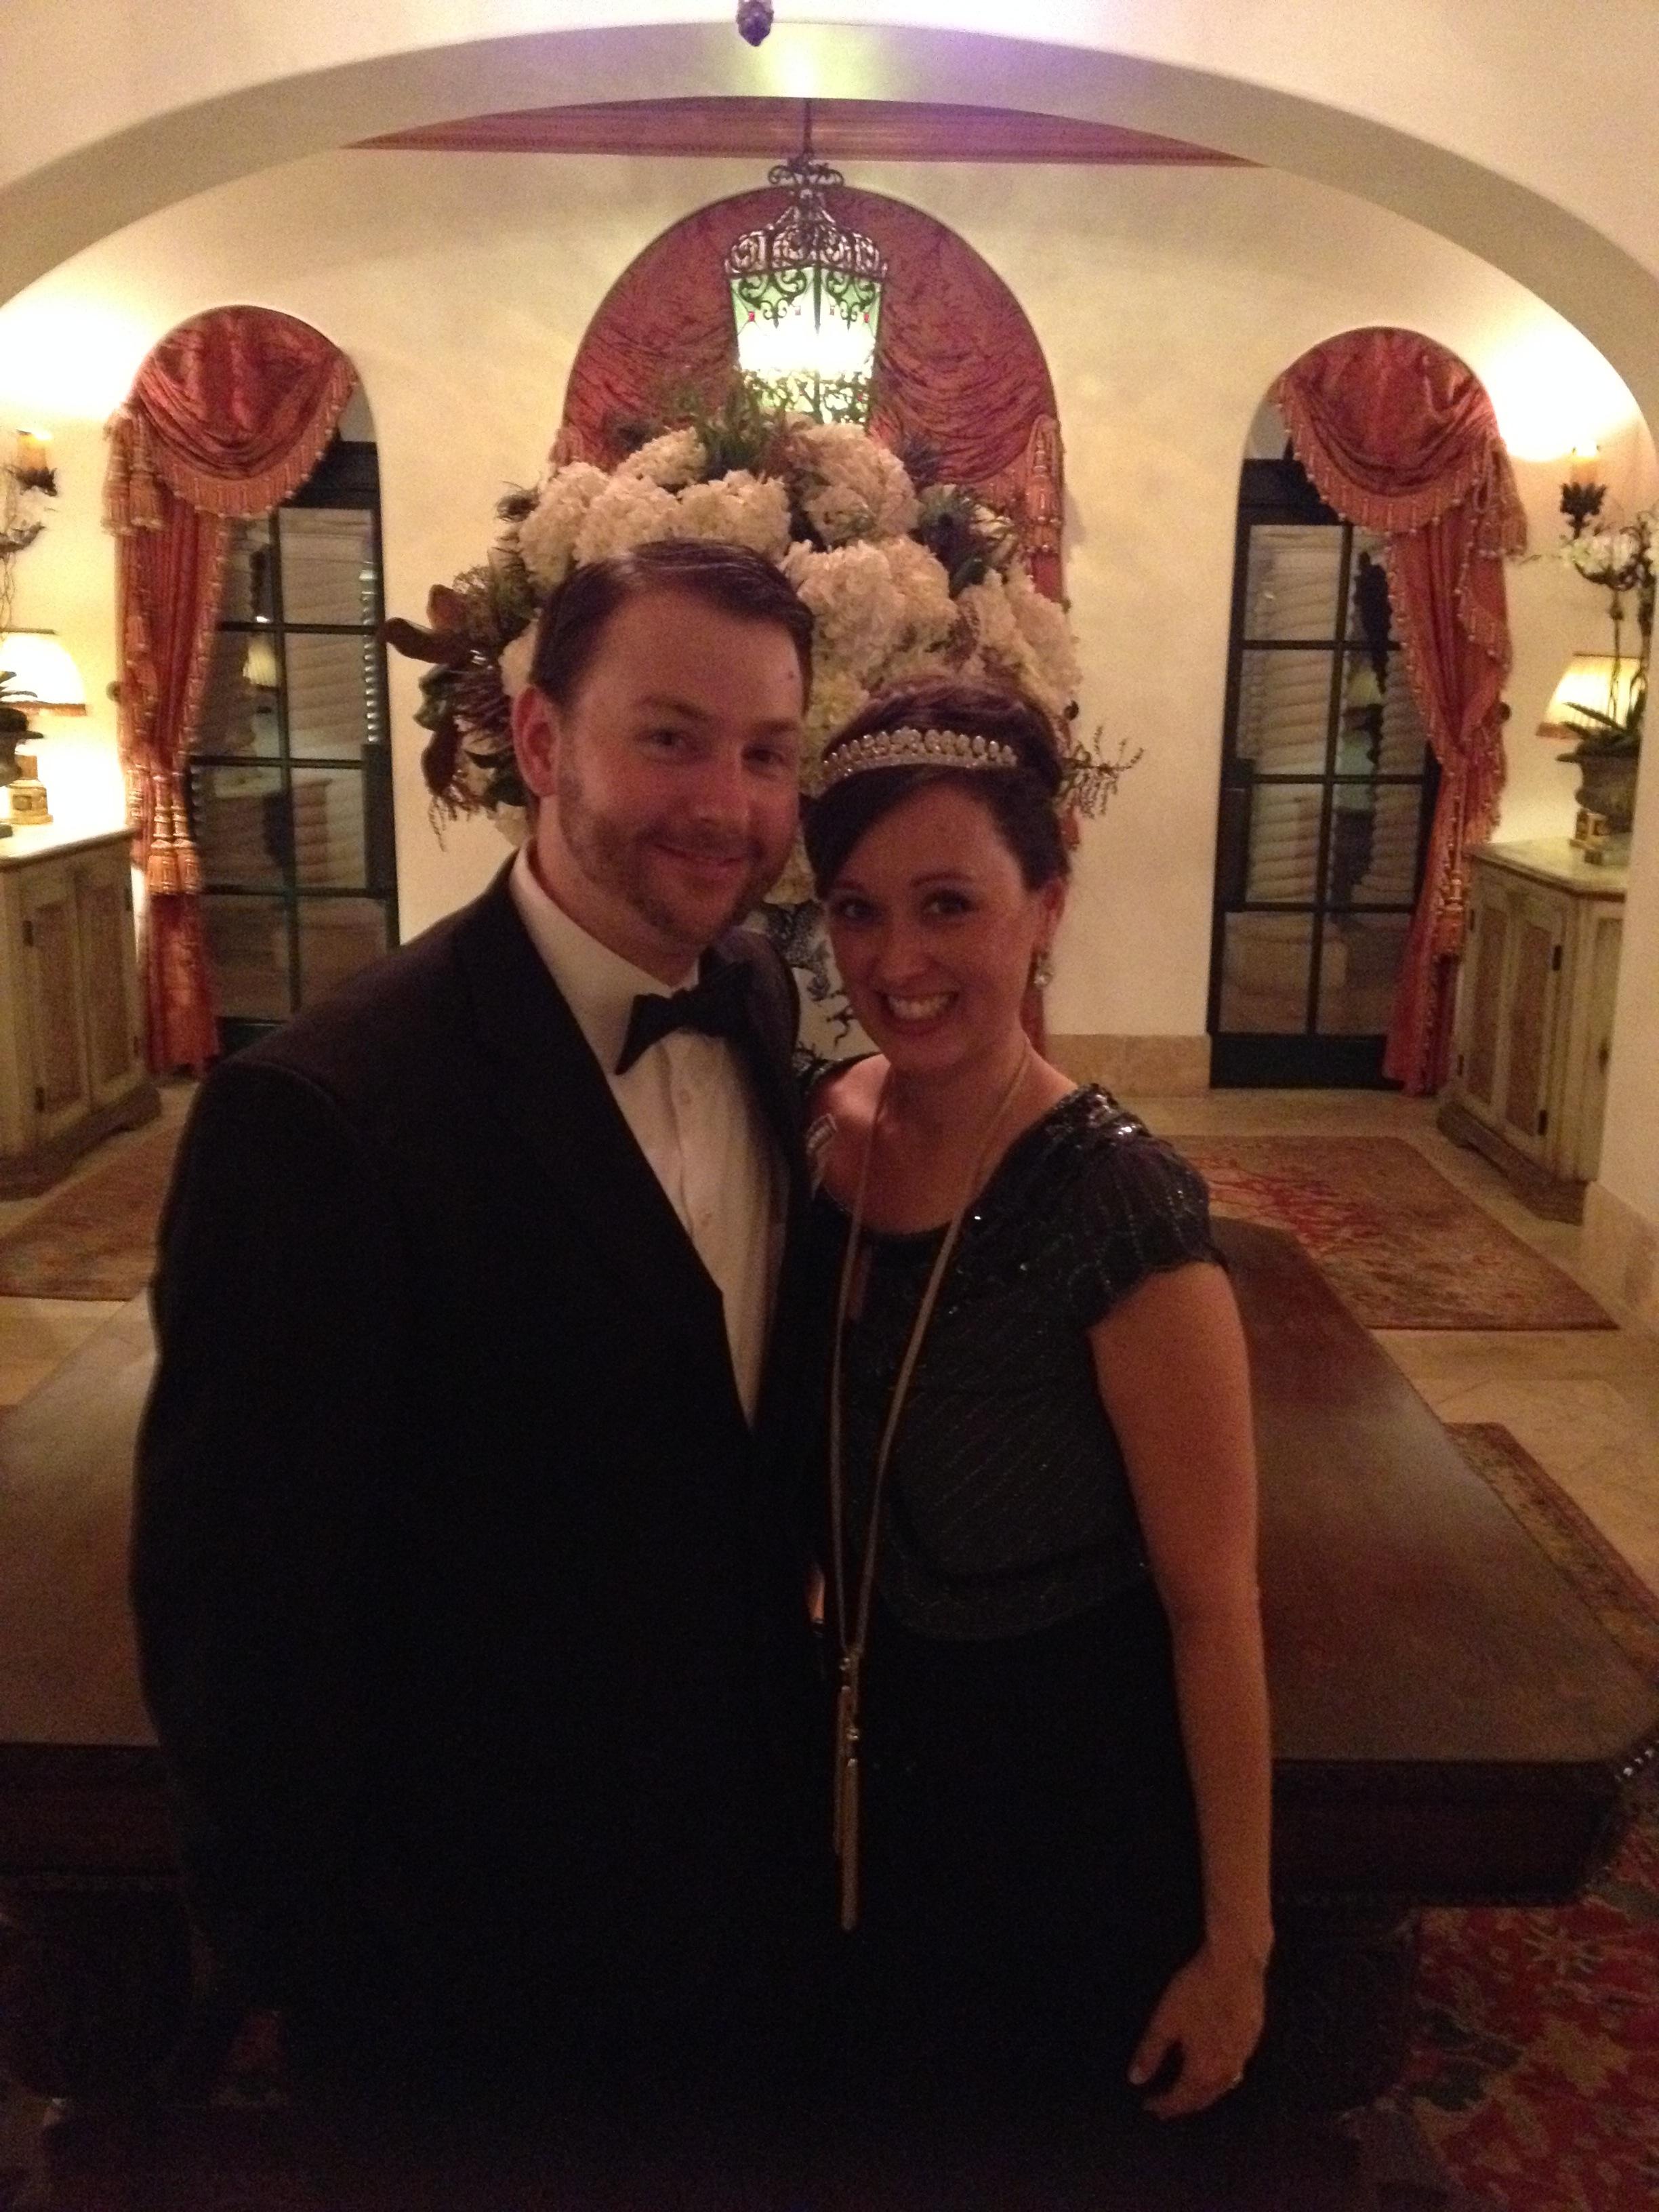 meimi hartman and her husband